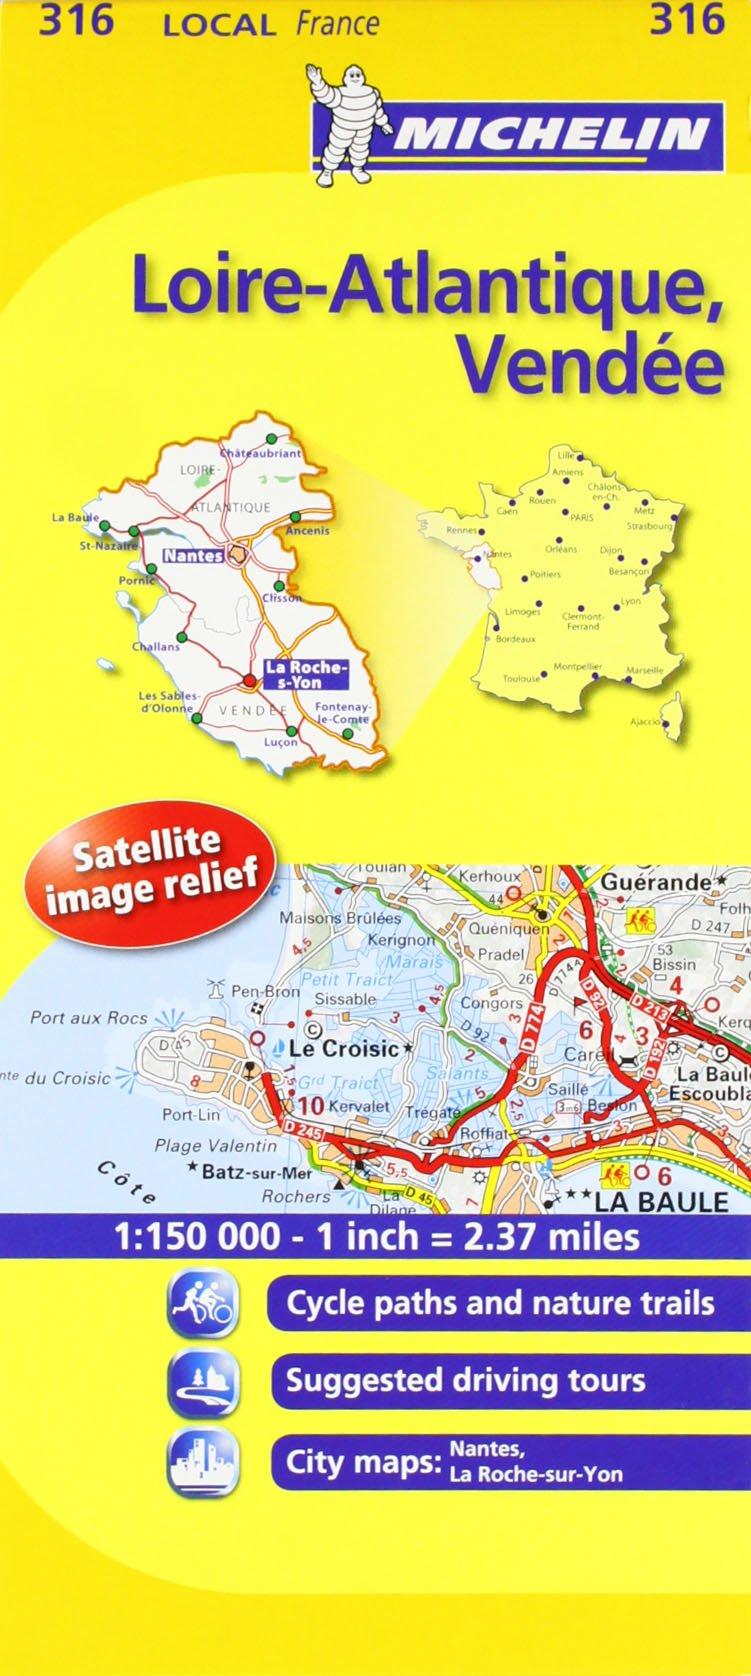 LoireAtlantique Vendee Michelin Local Map 316 Michelin Local